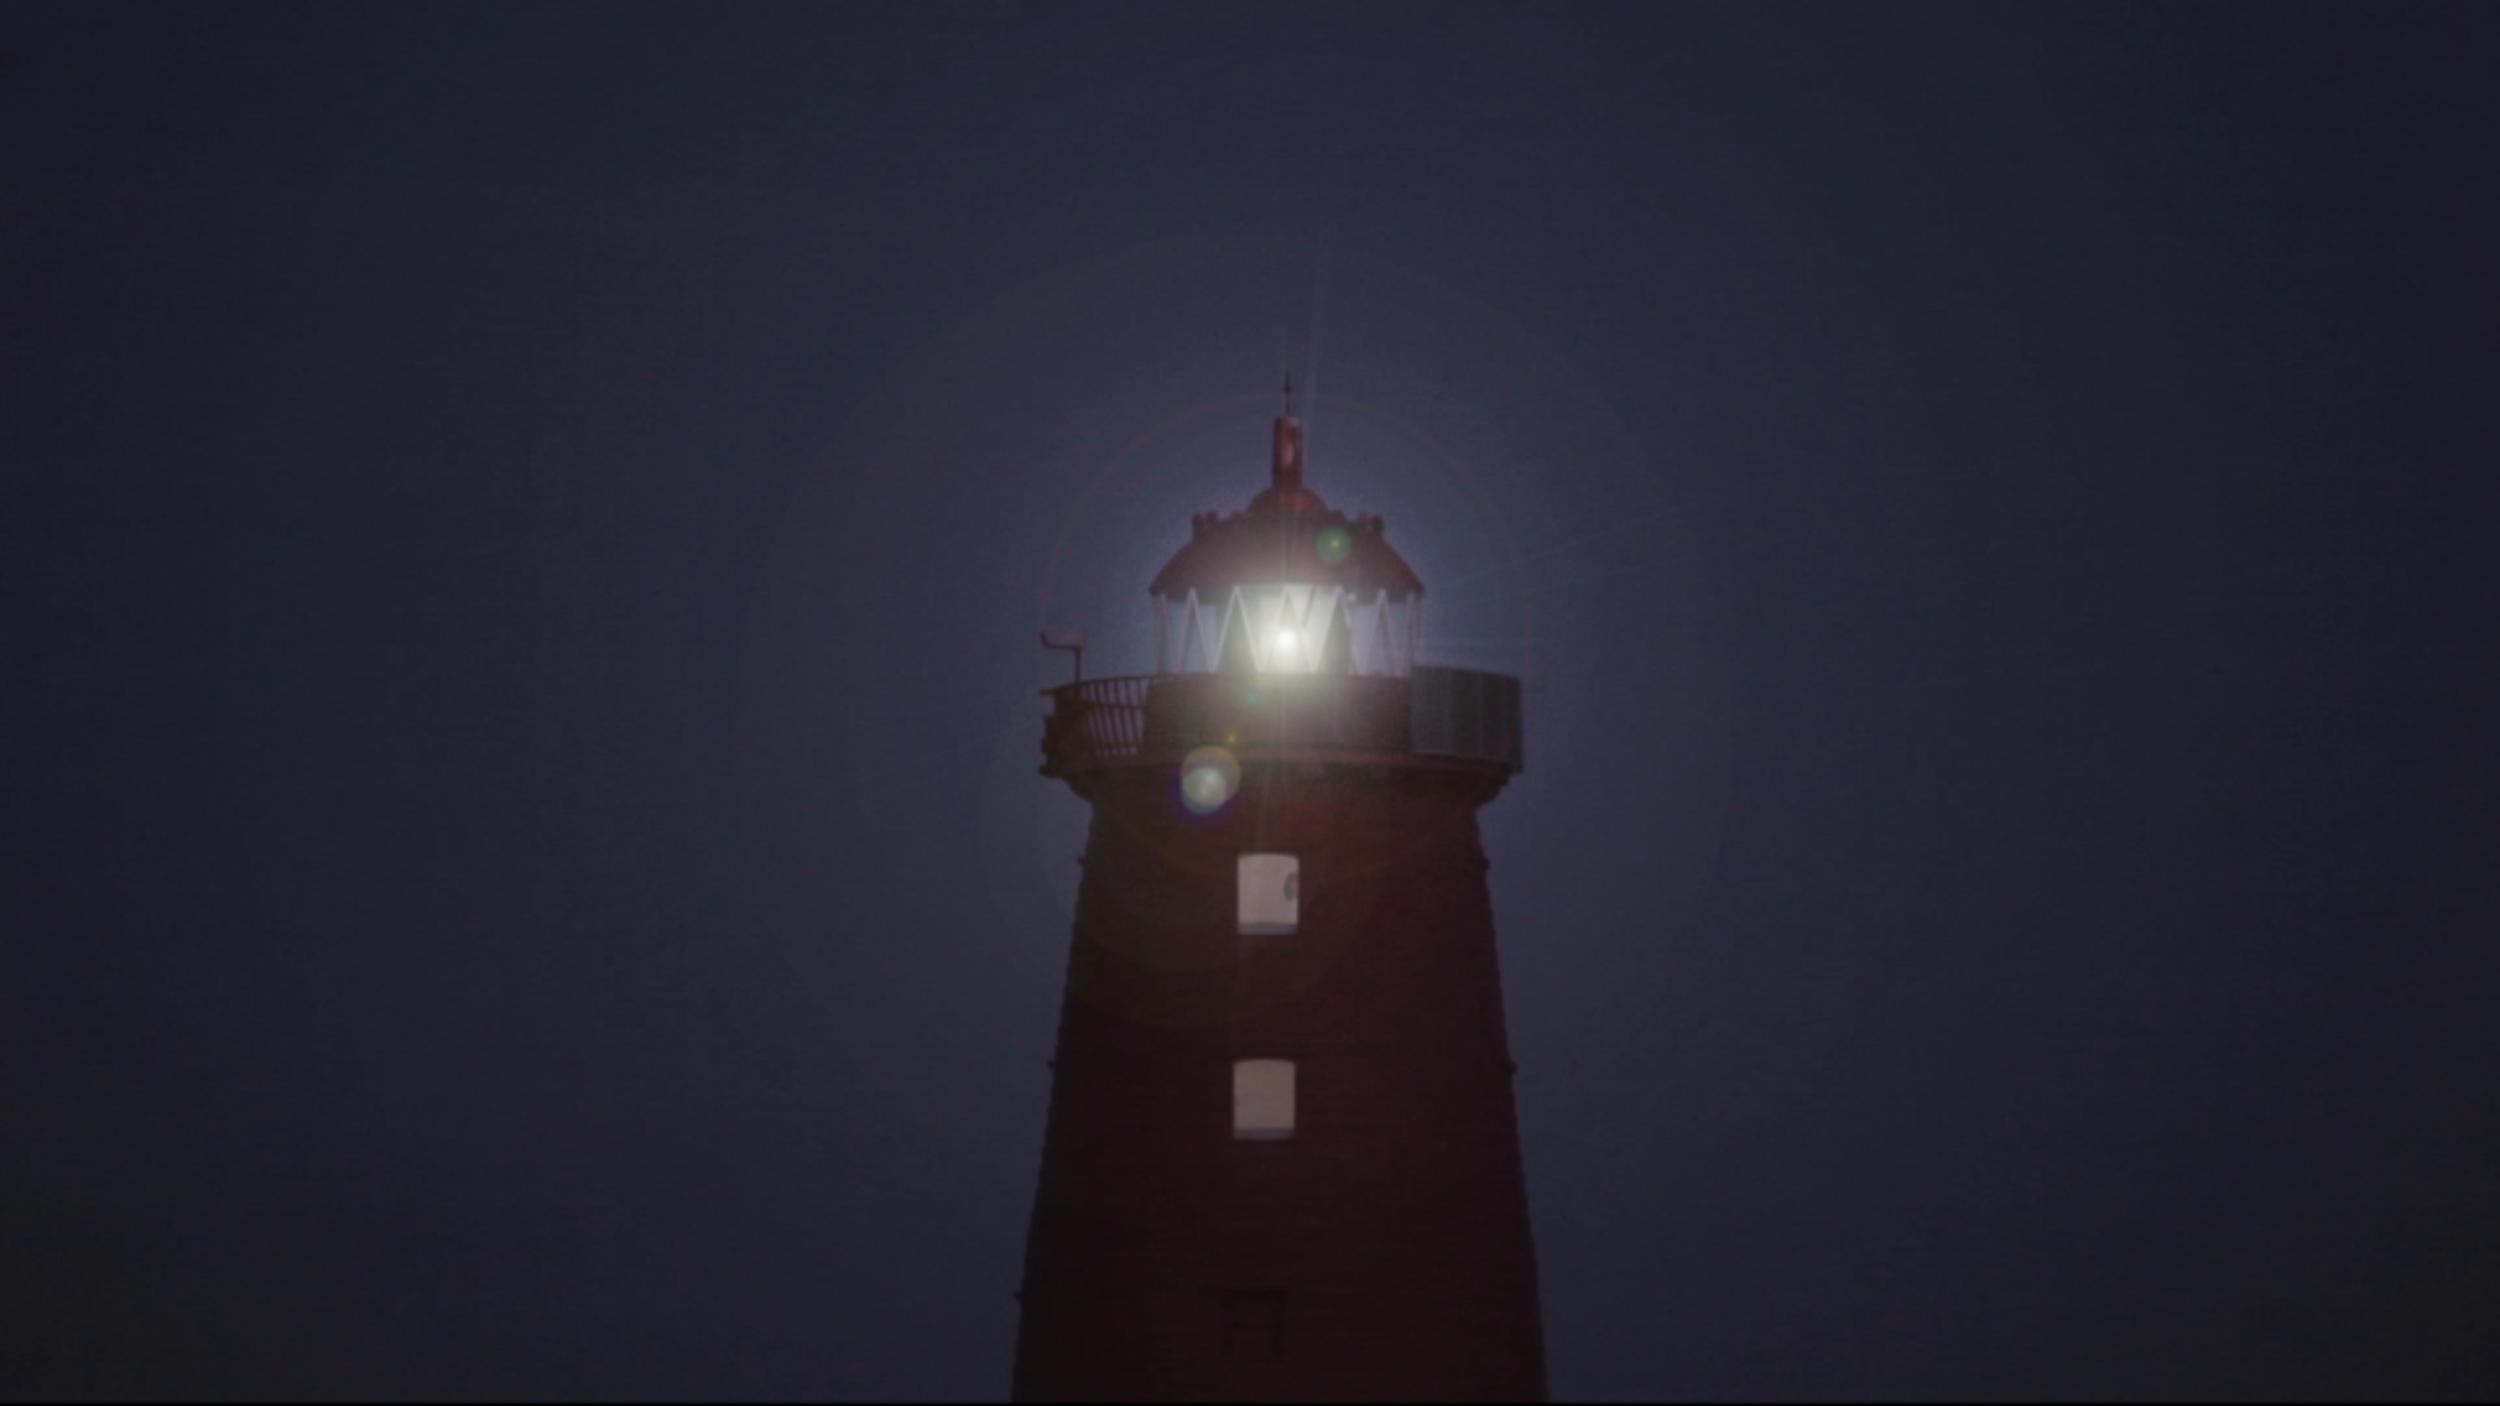 Still from video artwork